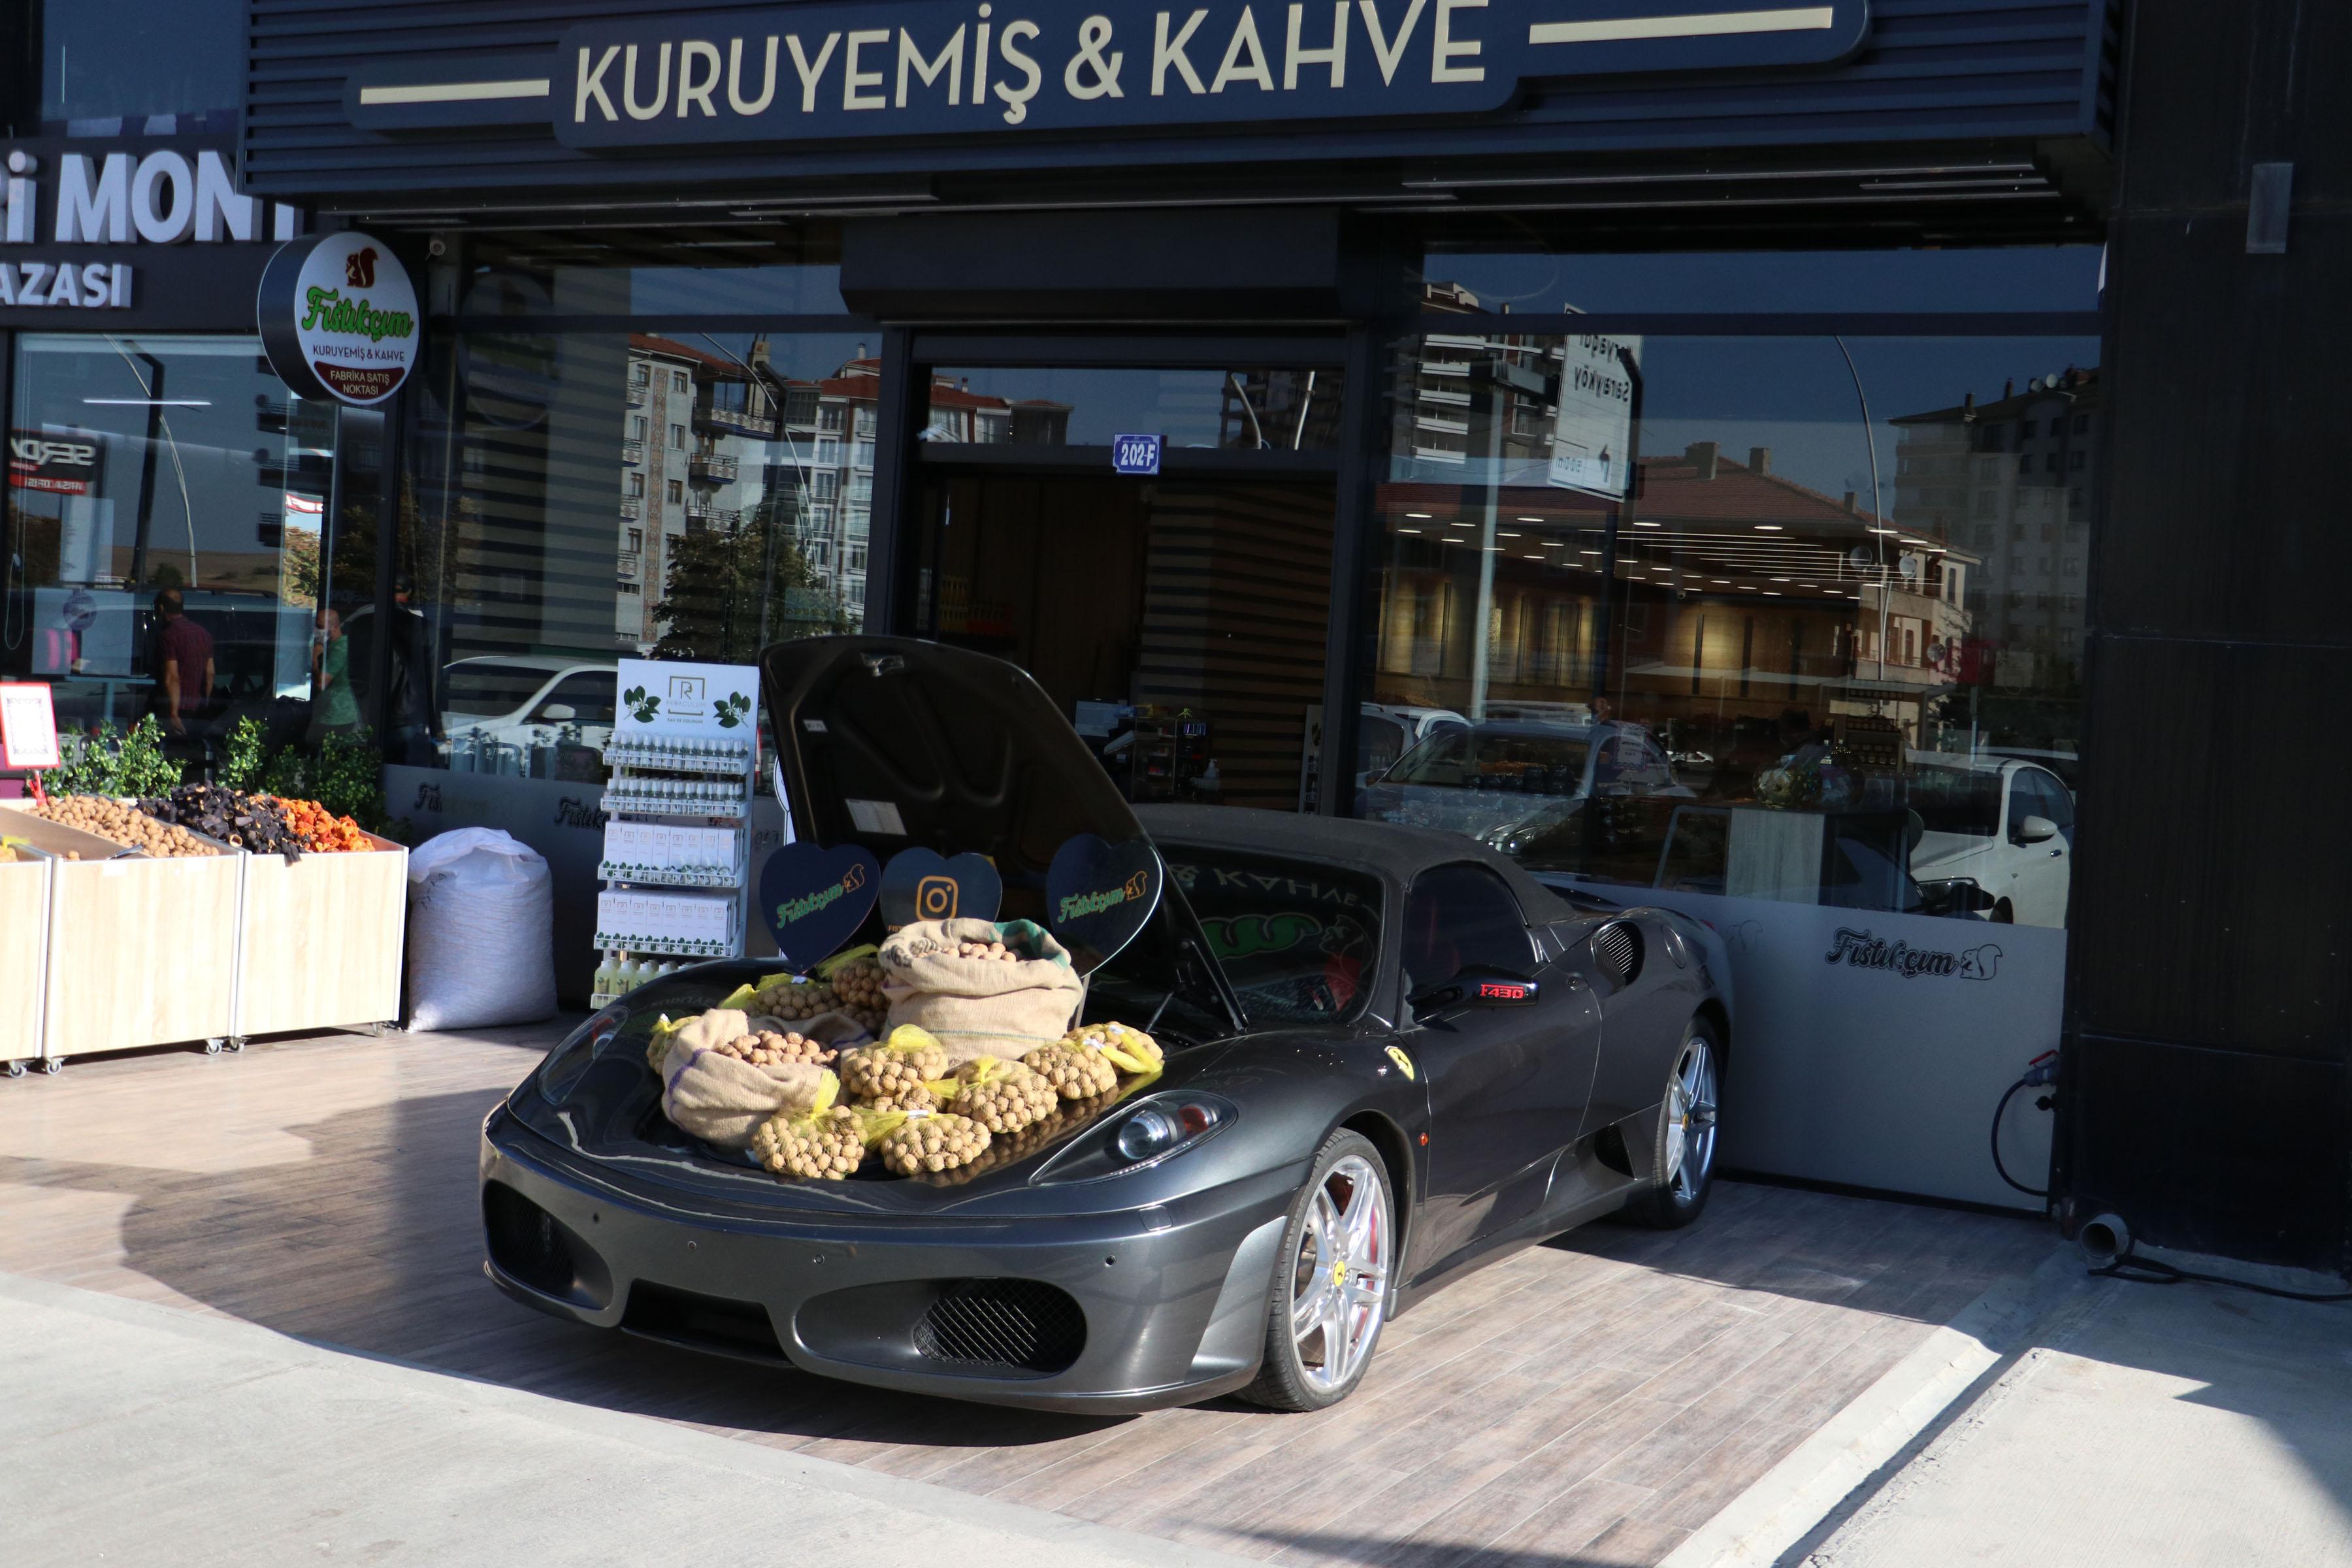 luks-otomobilin-bagajinda-ceviz-satisi-5693-dhaphoto10.jpg